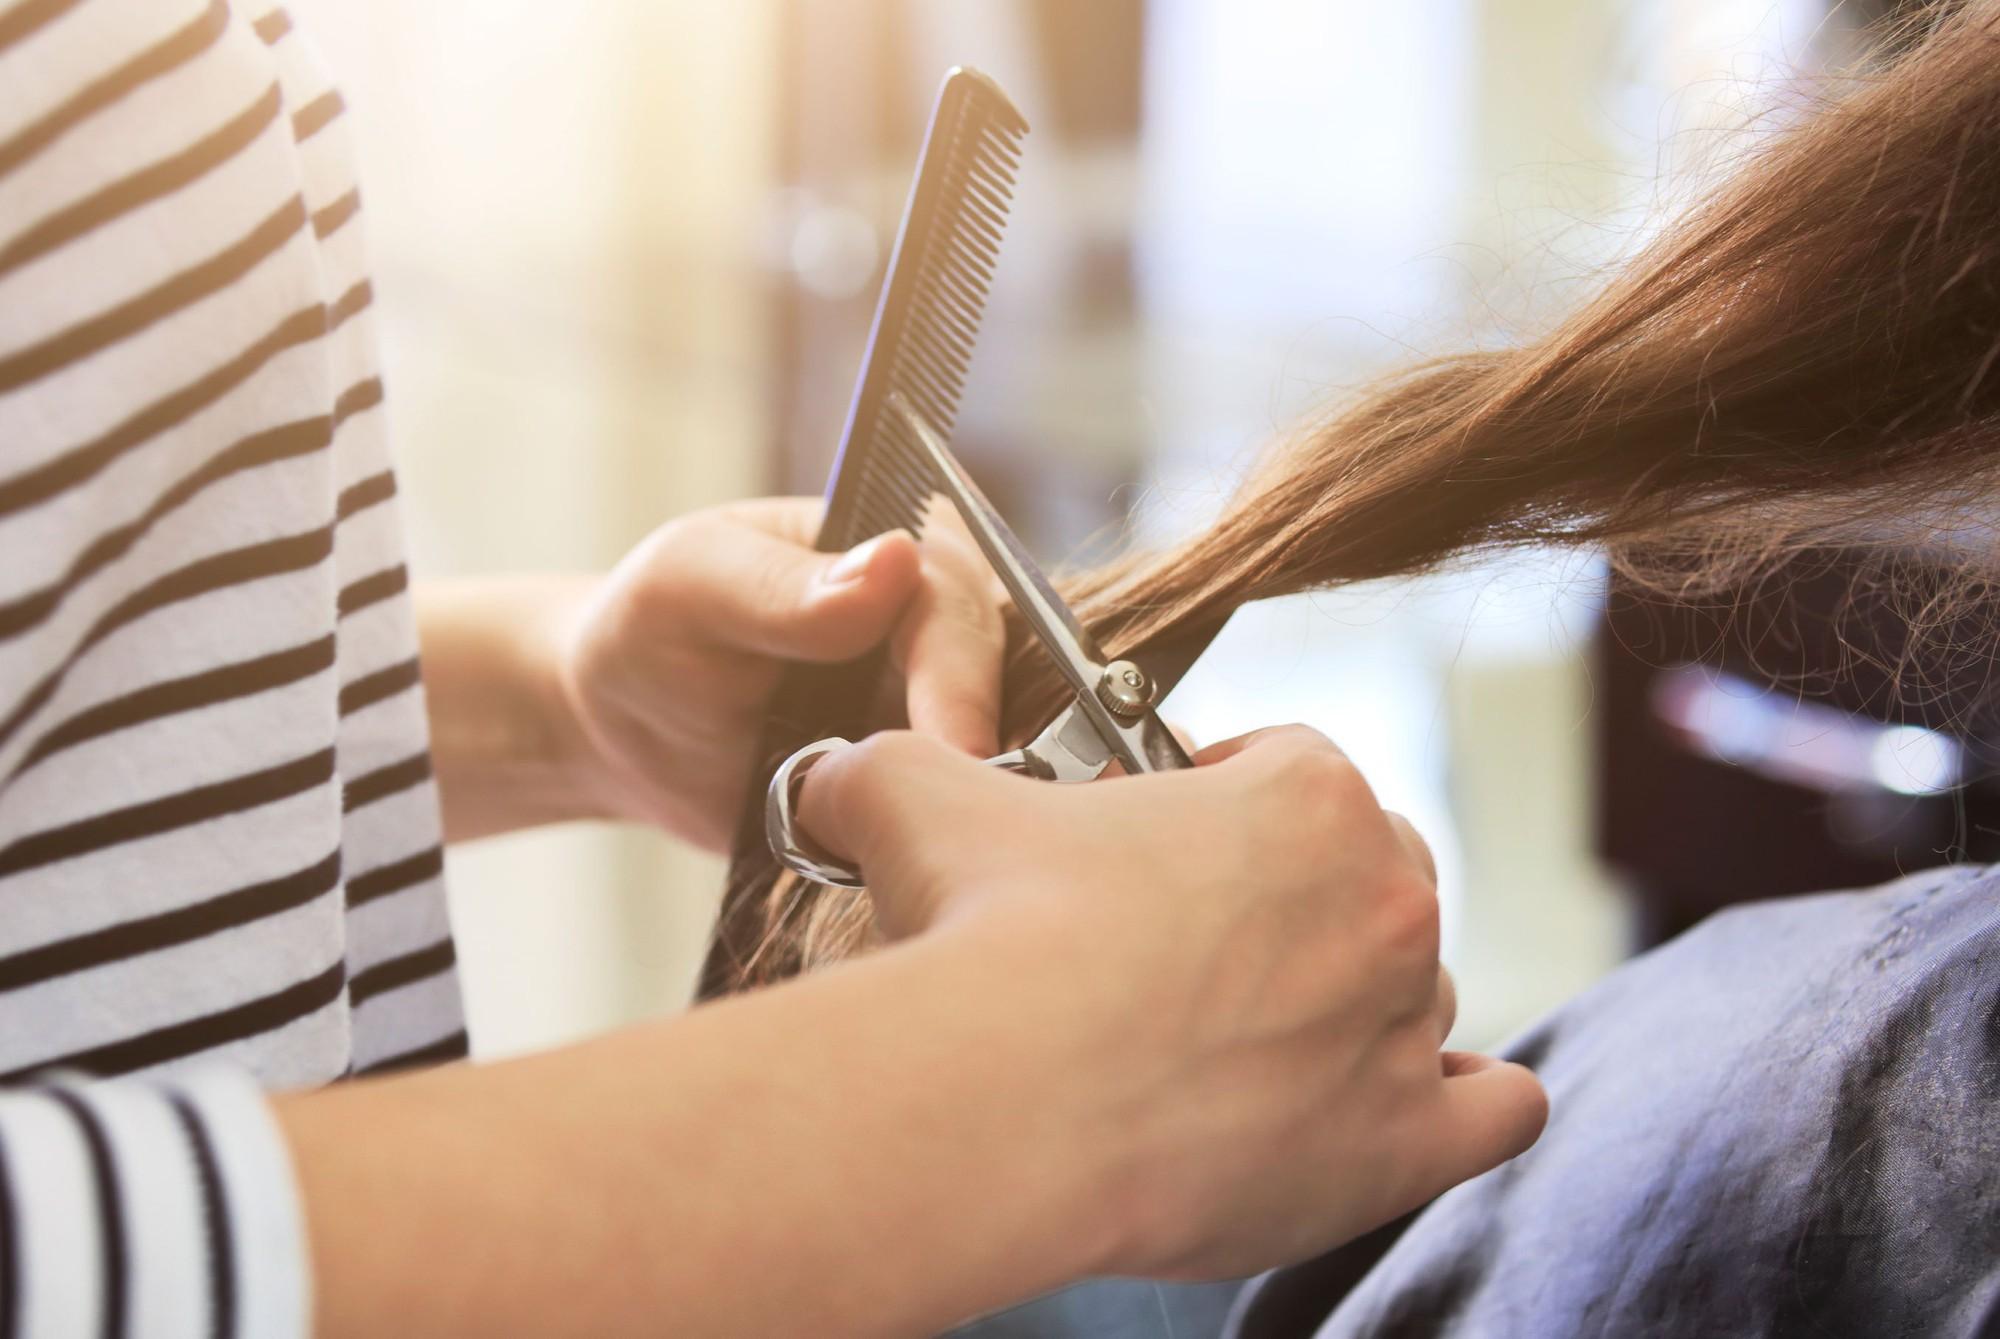 Mách các nàng mẹo để có mái tóc đẹp chuẩn như hấp dầu